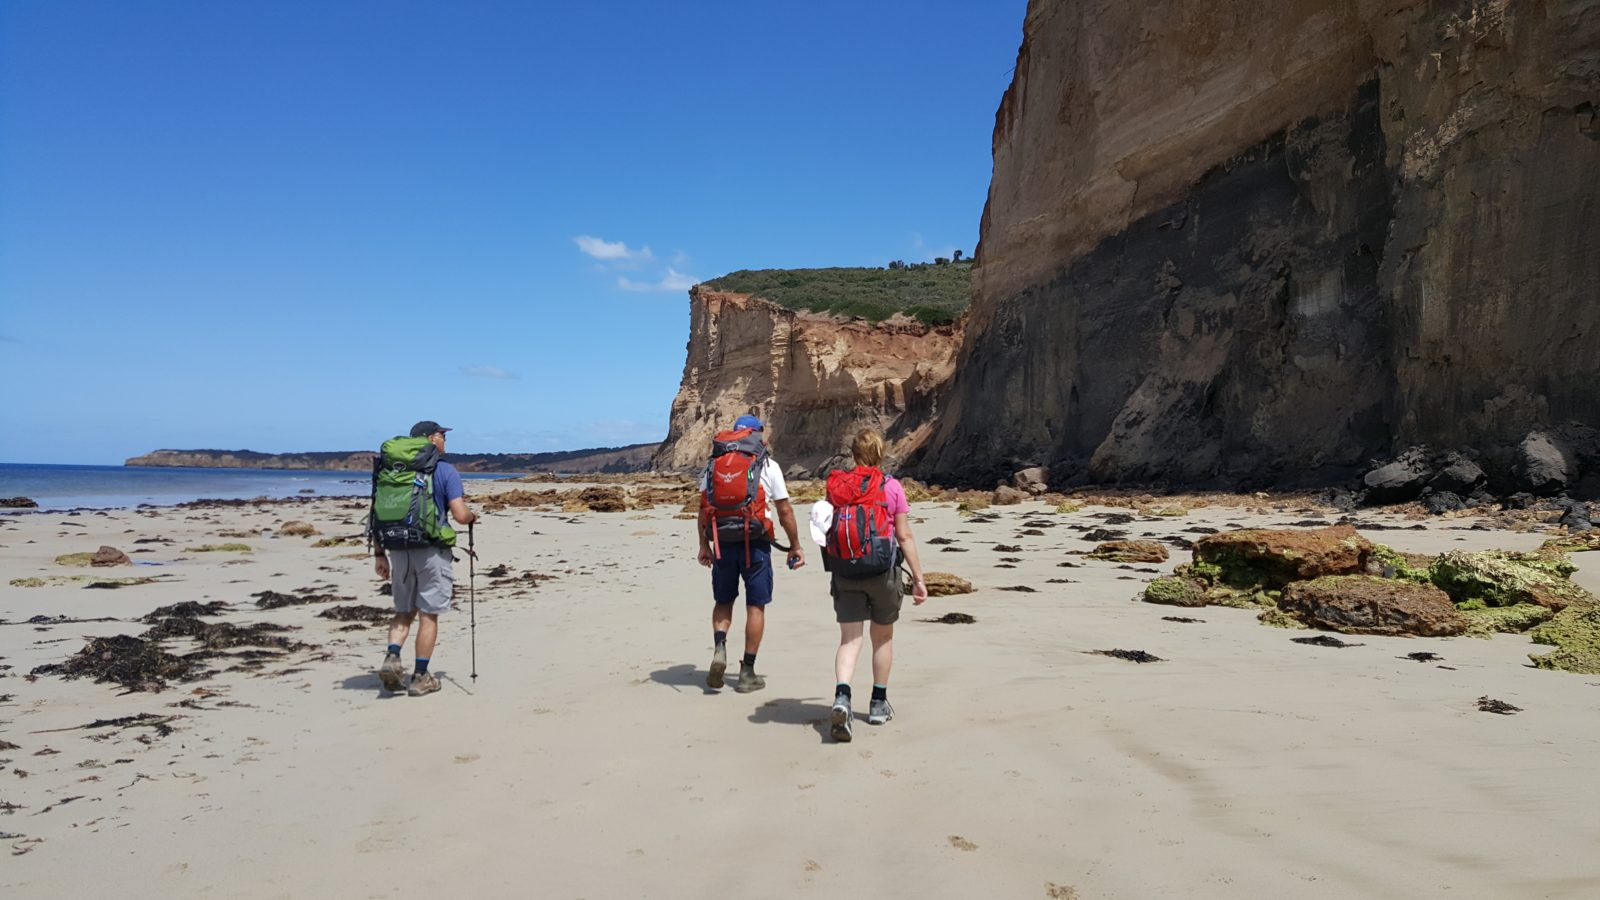 Where dramatic cliffs meet the beach